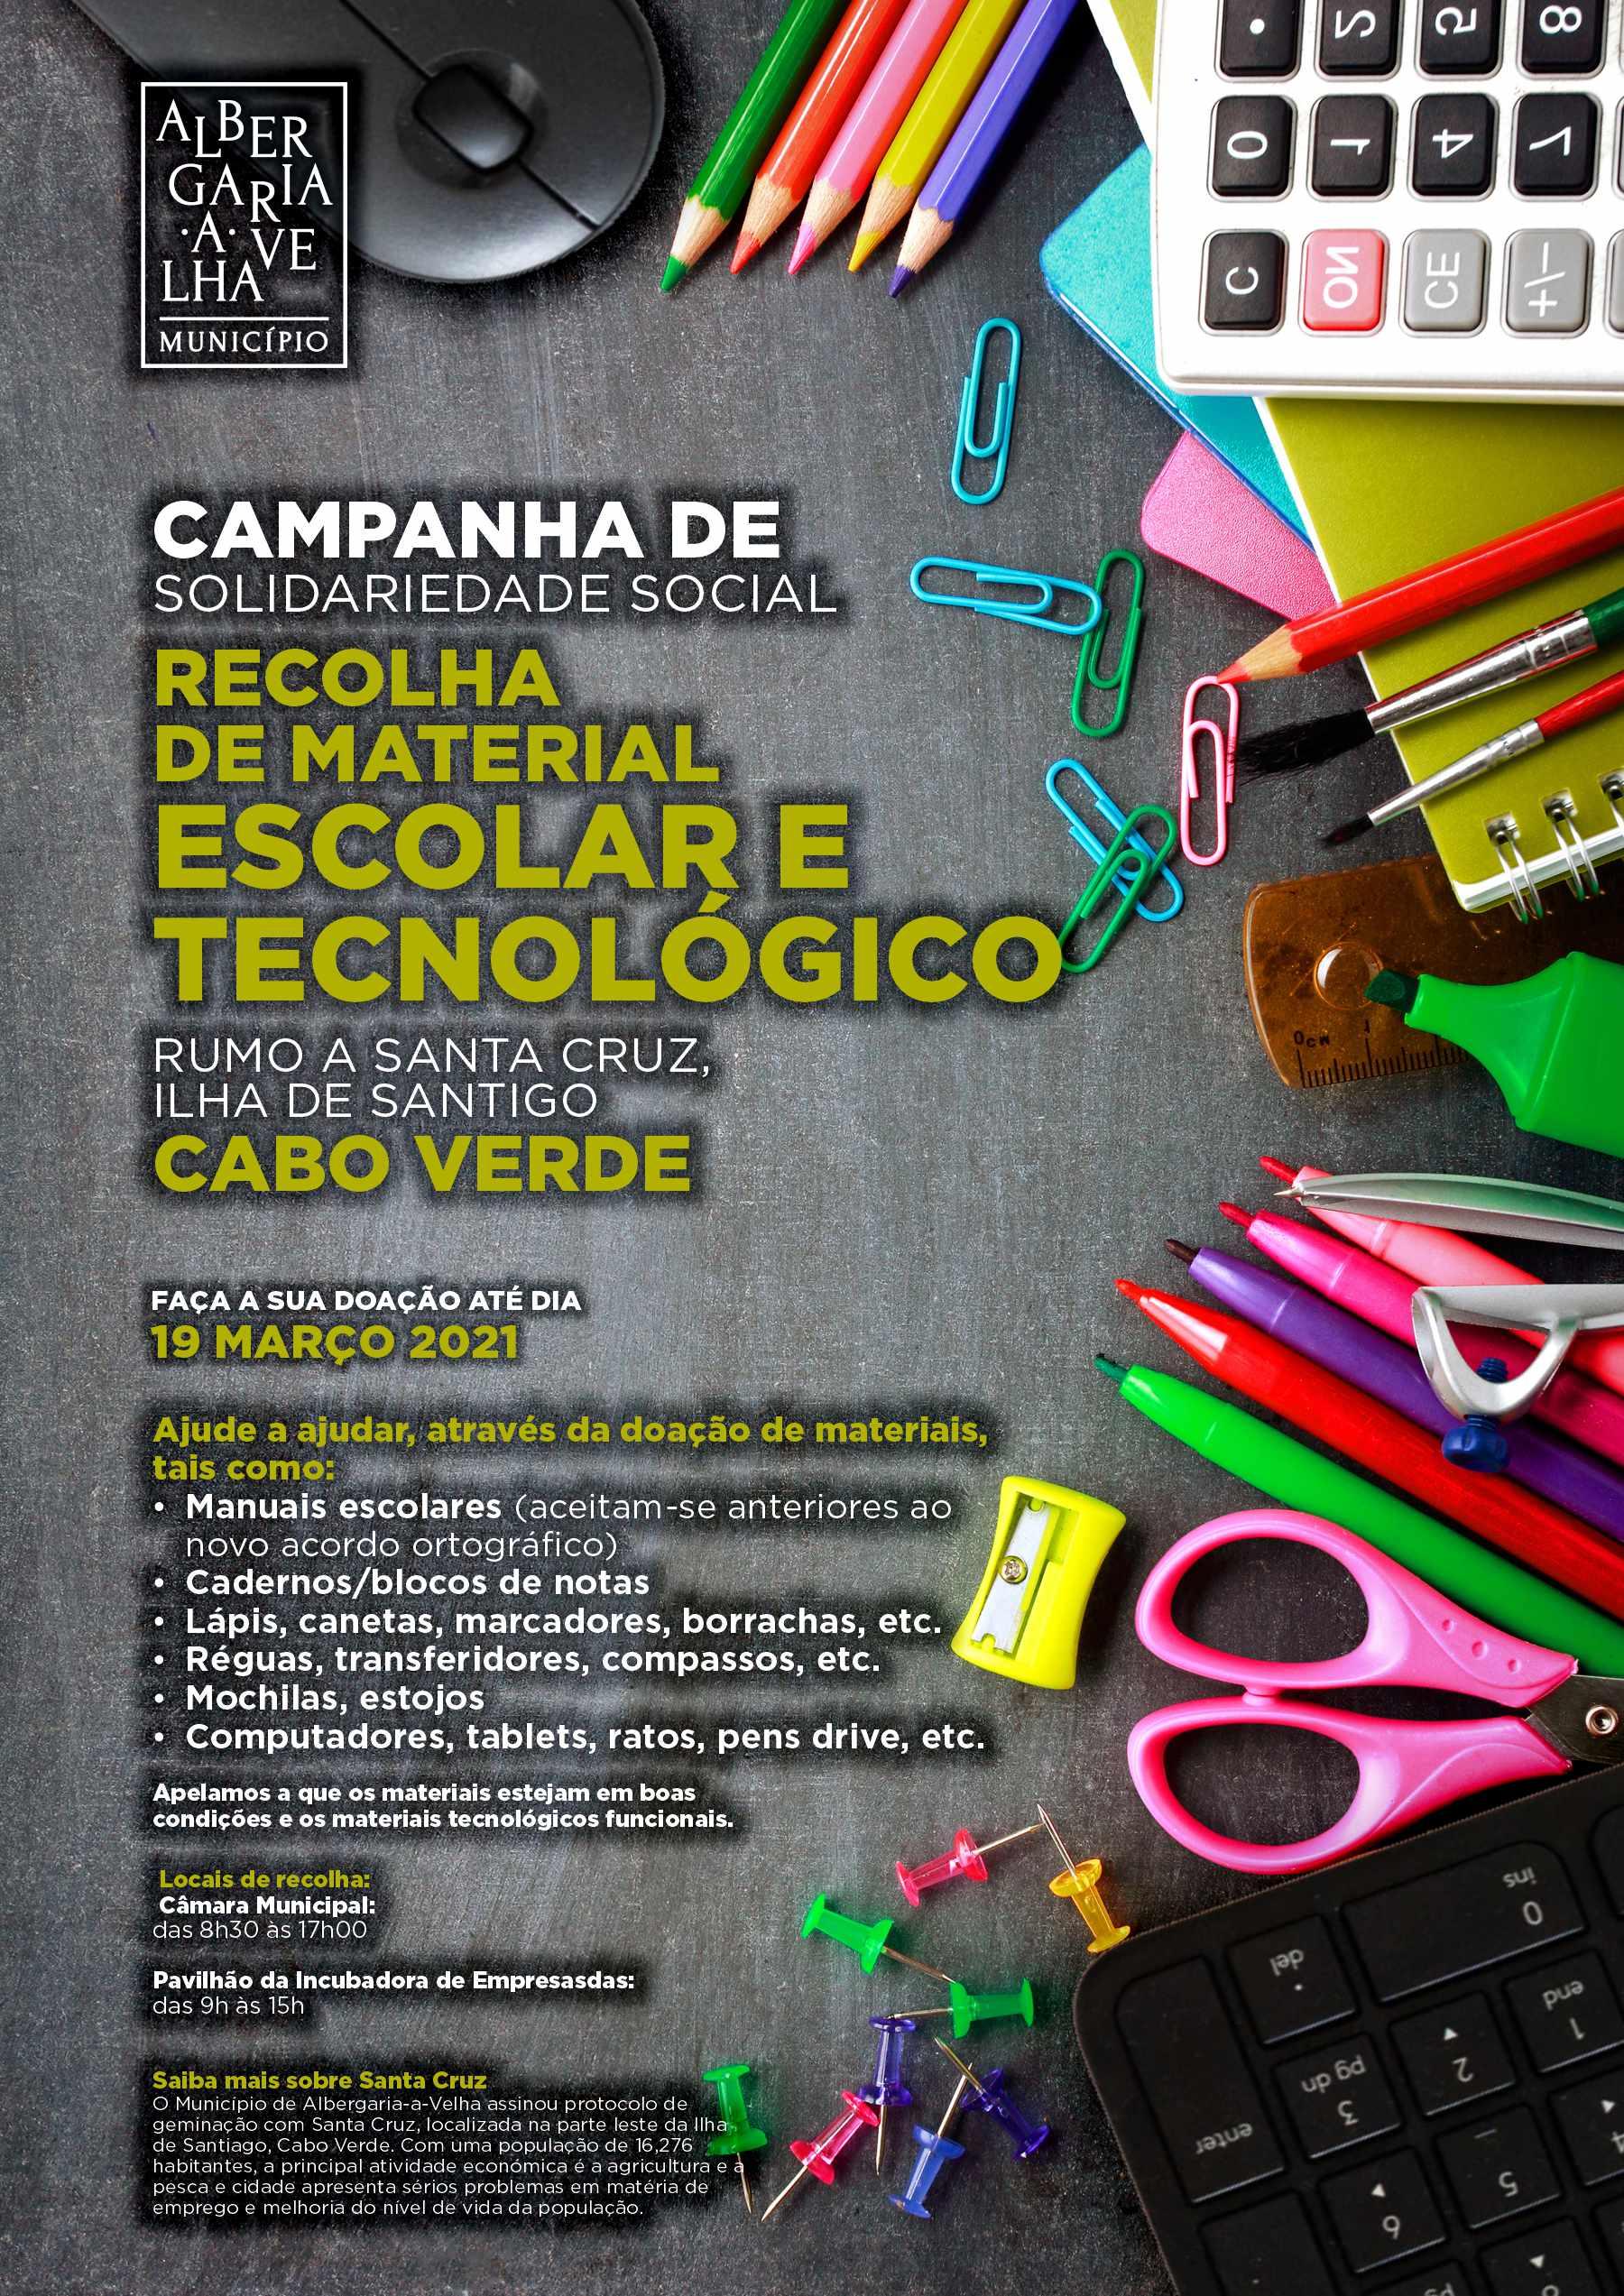 Município organiza campanha solidária de recolha de material escolar